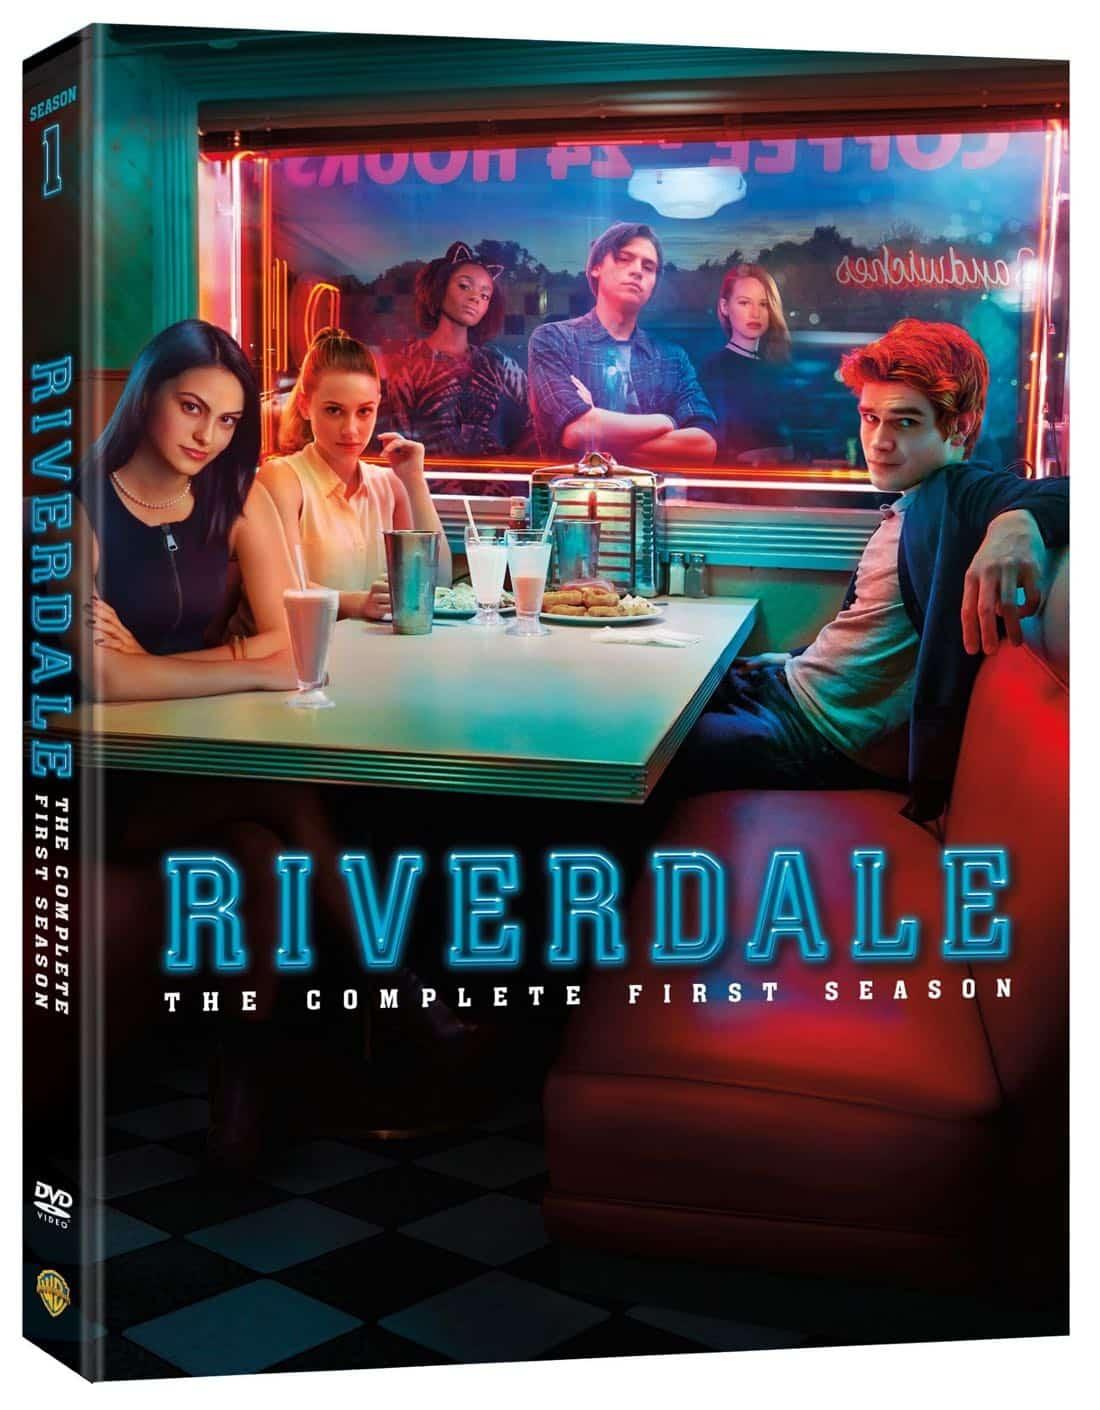 Riverdale-Season-1-DVD-Cover